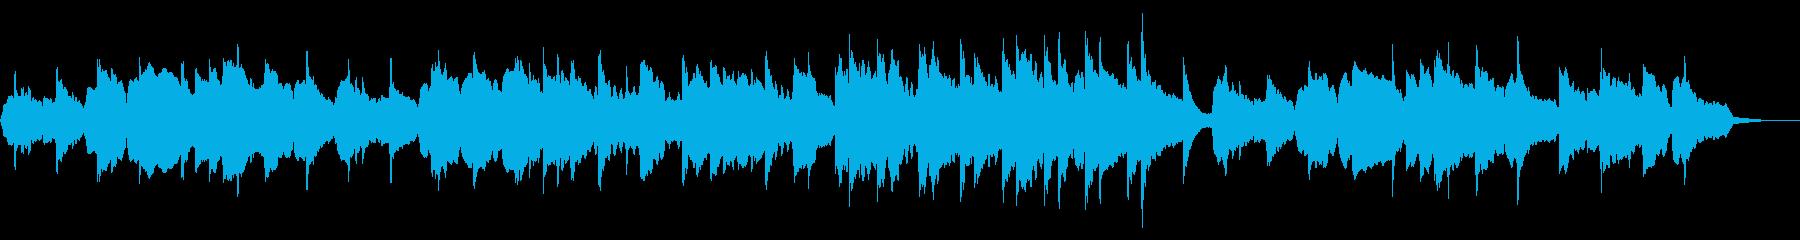 しっとりとしたチェロのメロディの再生済みの波形